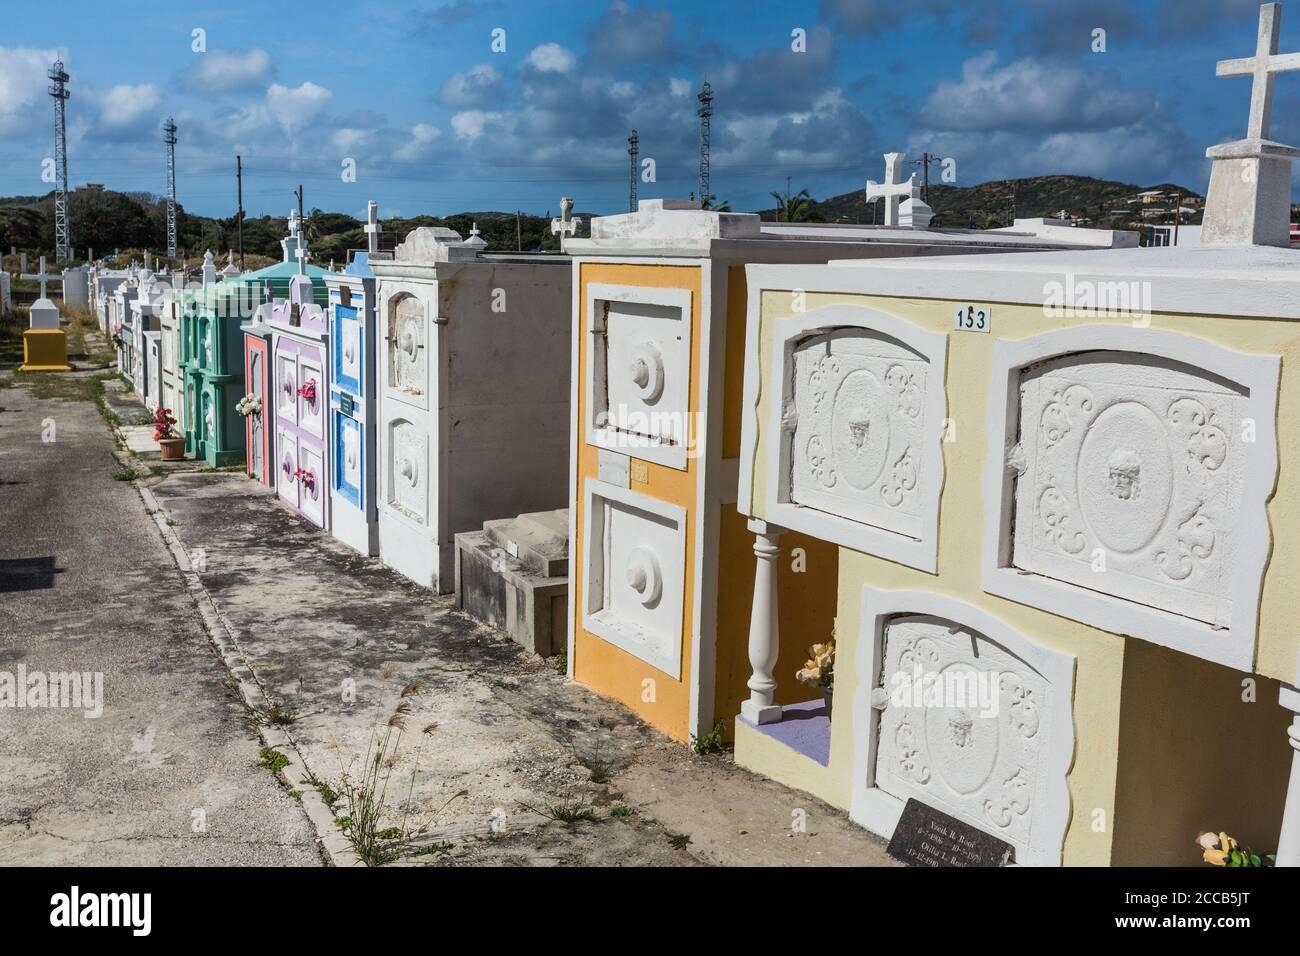 El cementerio de la Iglesia Católica de San José, una iglesia parroquial en la ciudad de Barber en la isla caribeña de Curacao en las Antillas Holandesas. Foto de stock